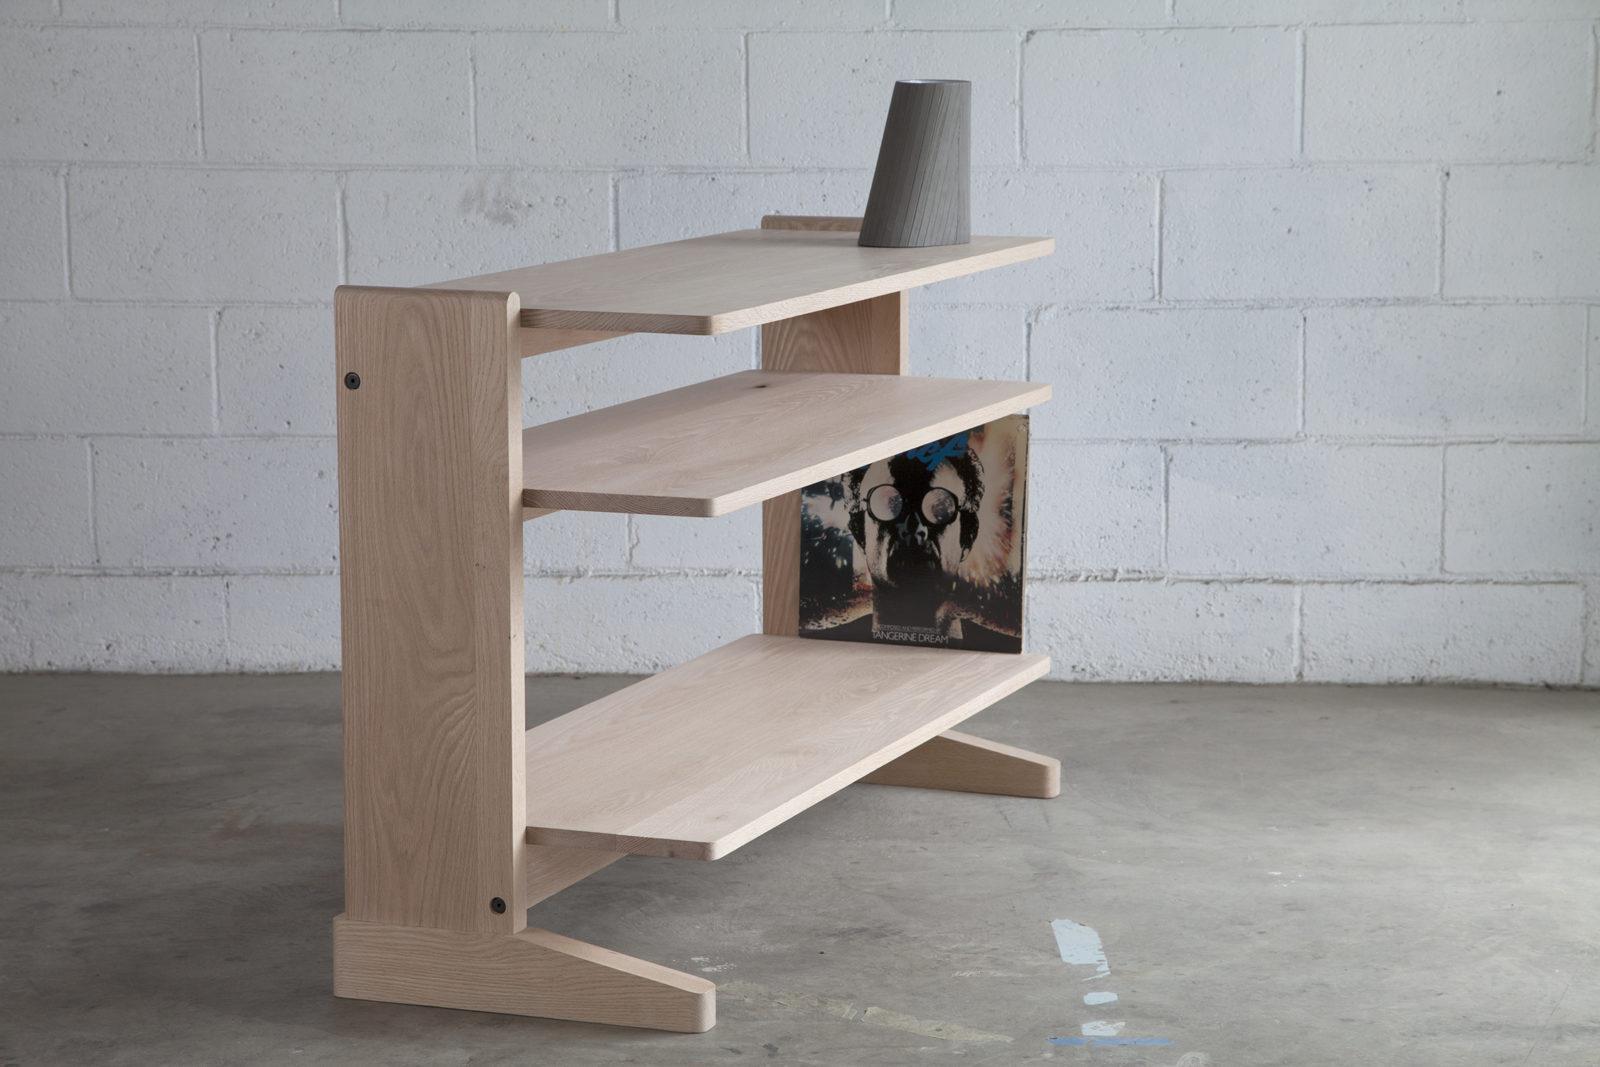 Thomas Elliott Burns - Media Shelf